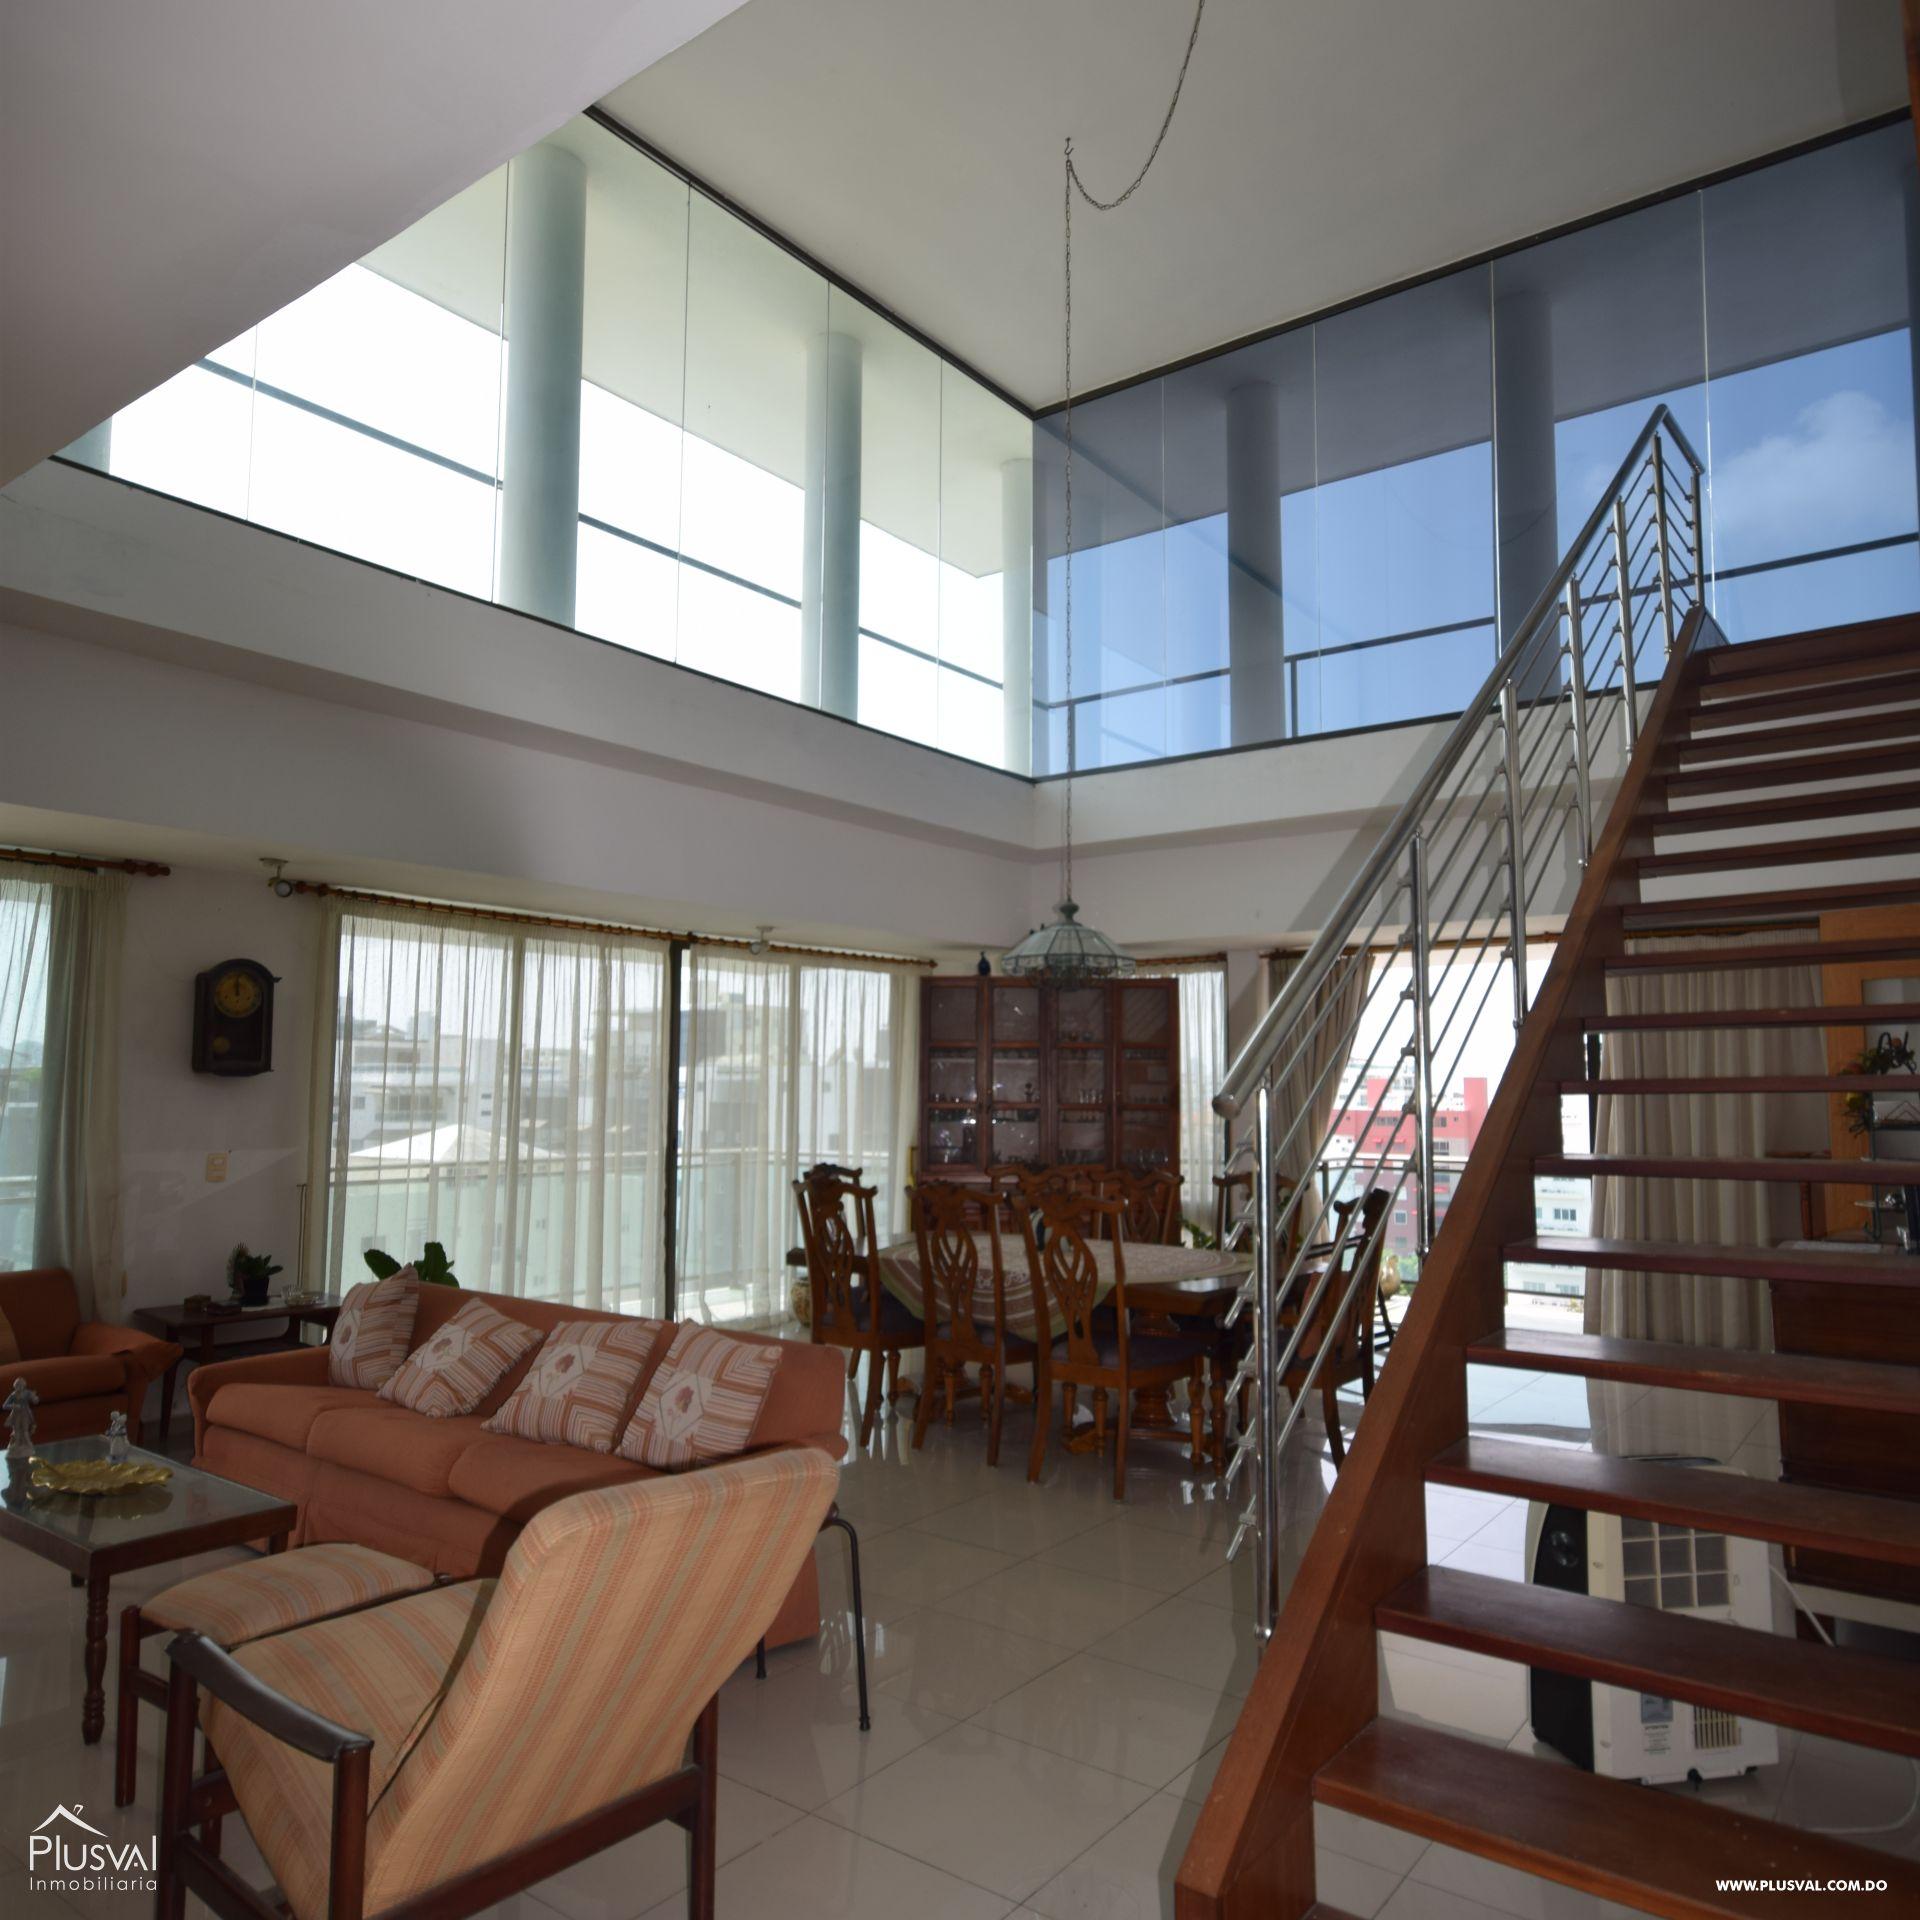 PH tipo LOFT precioso con doble altura moderno y amplios espacios 190331